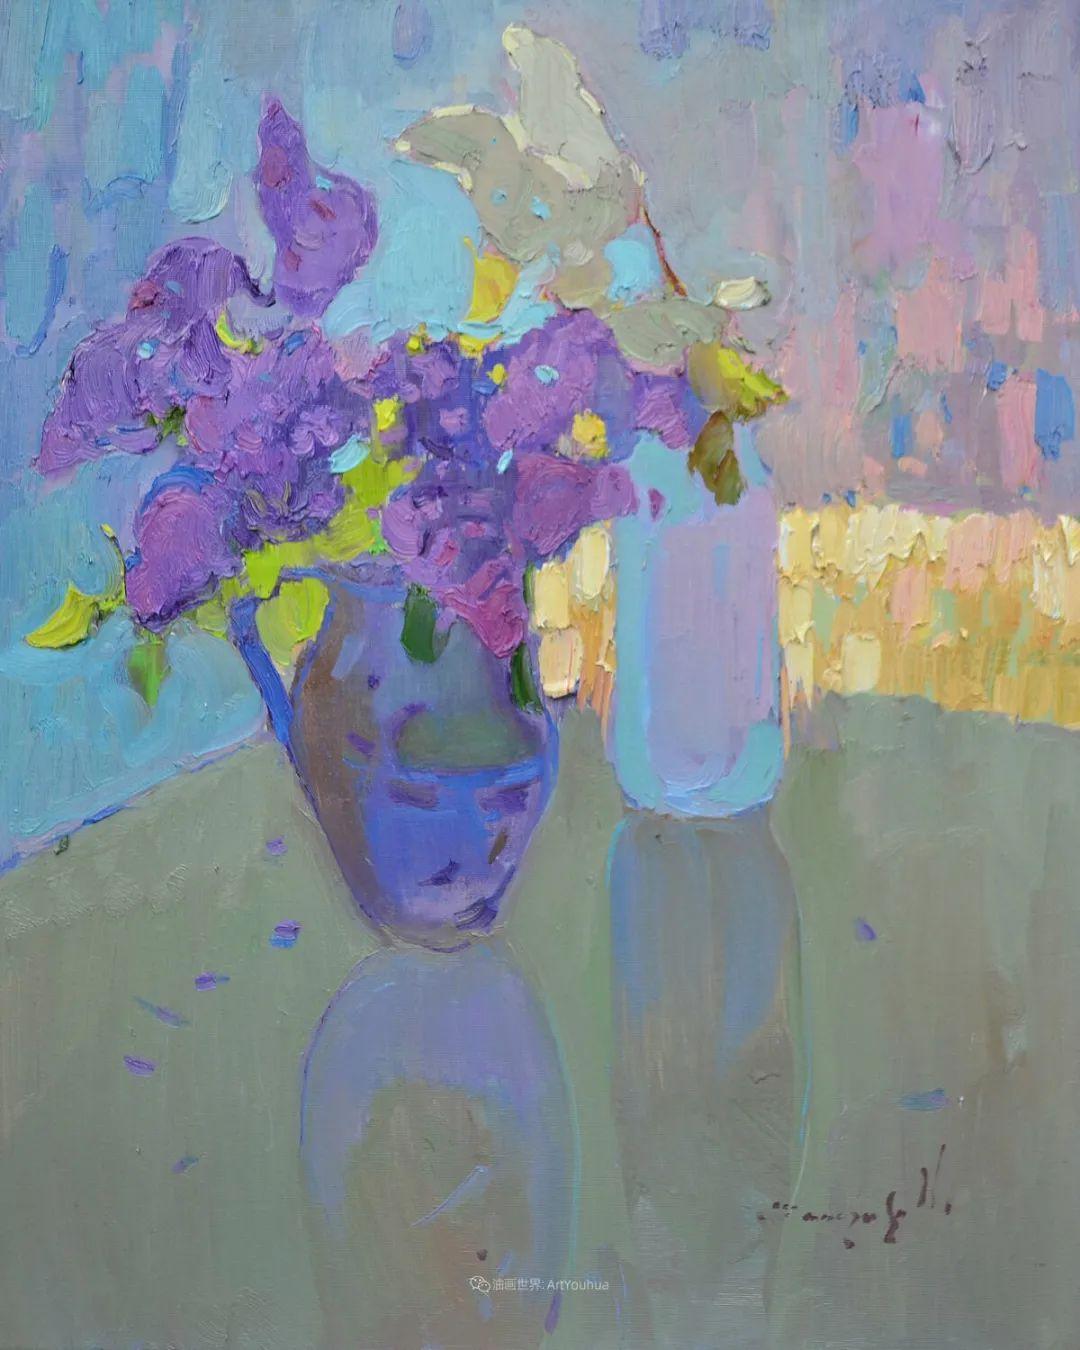 冷暖的色彩碰撞,迷人的静物与花卉作品!插图73